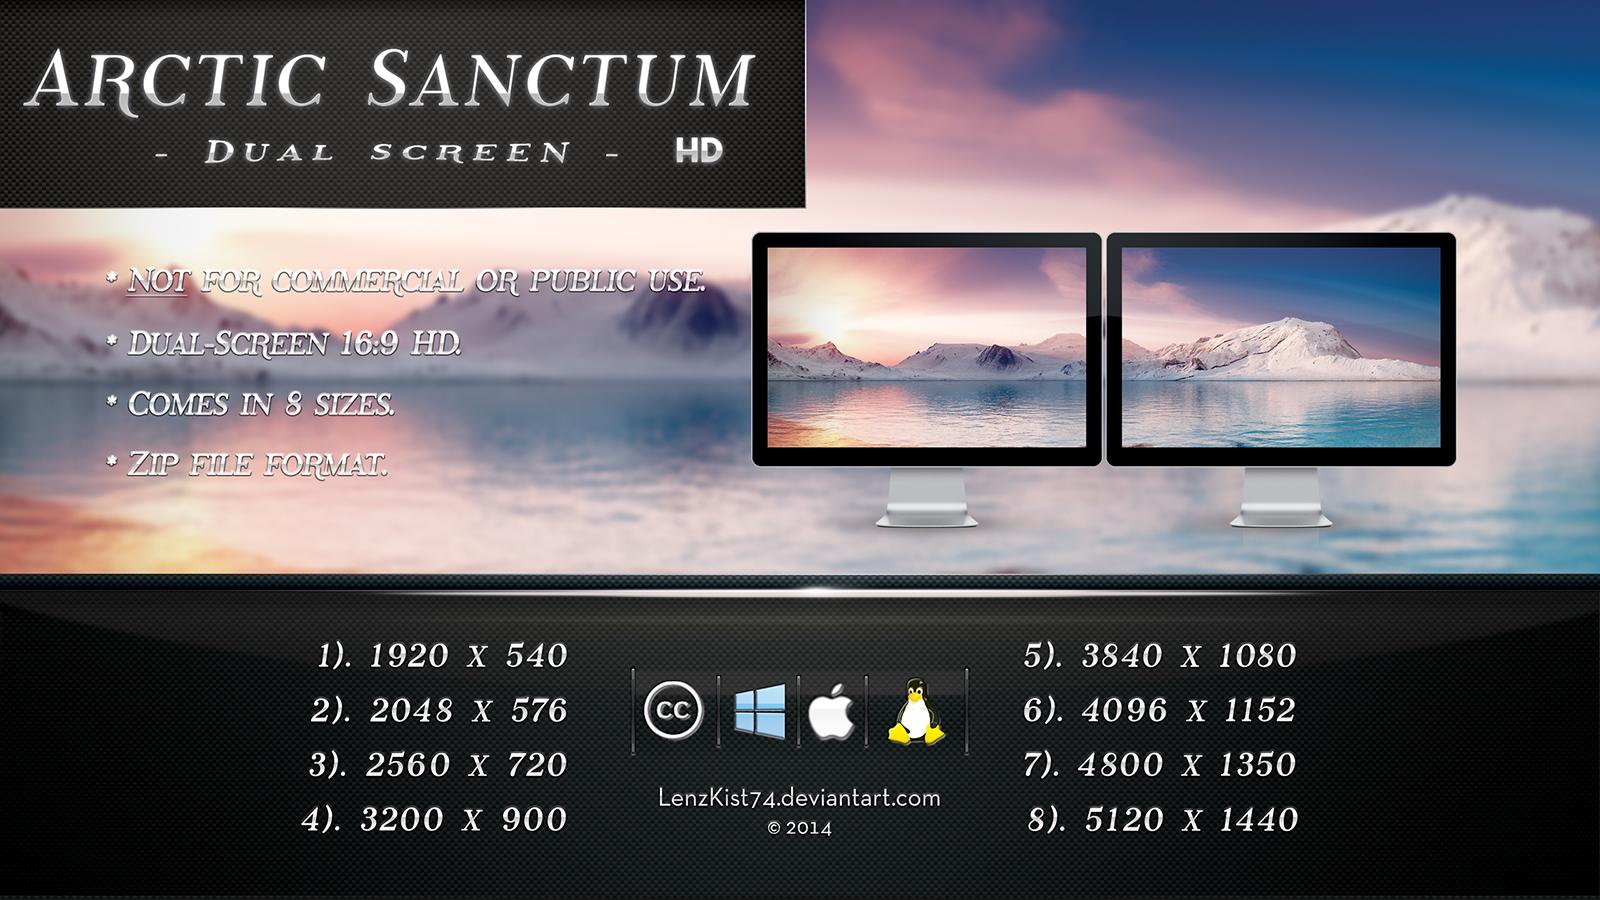 Arctic Sanctum. Dual-Screen HD 16:9 x 2.